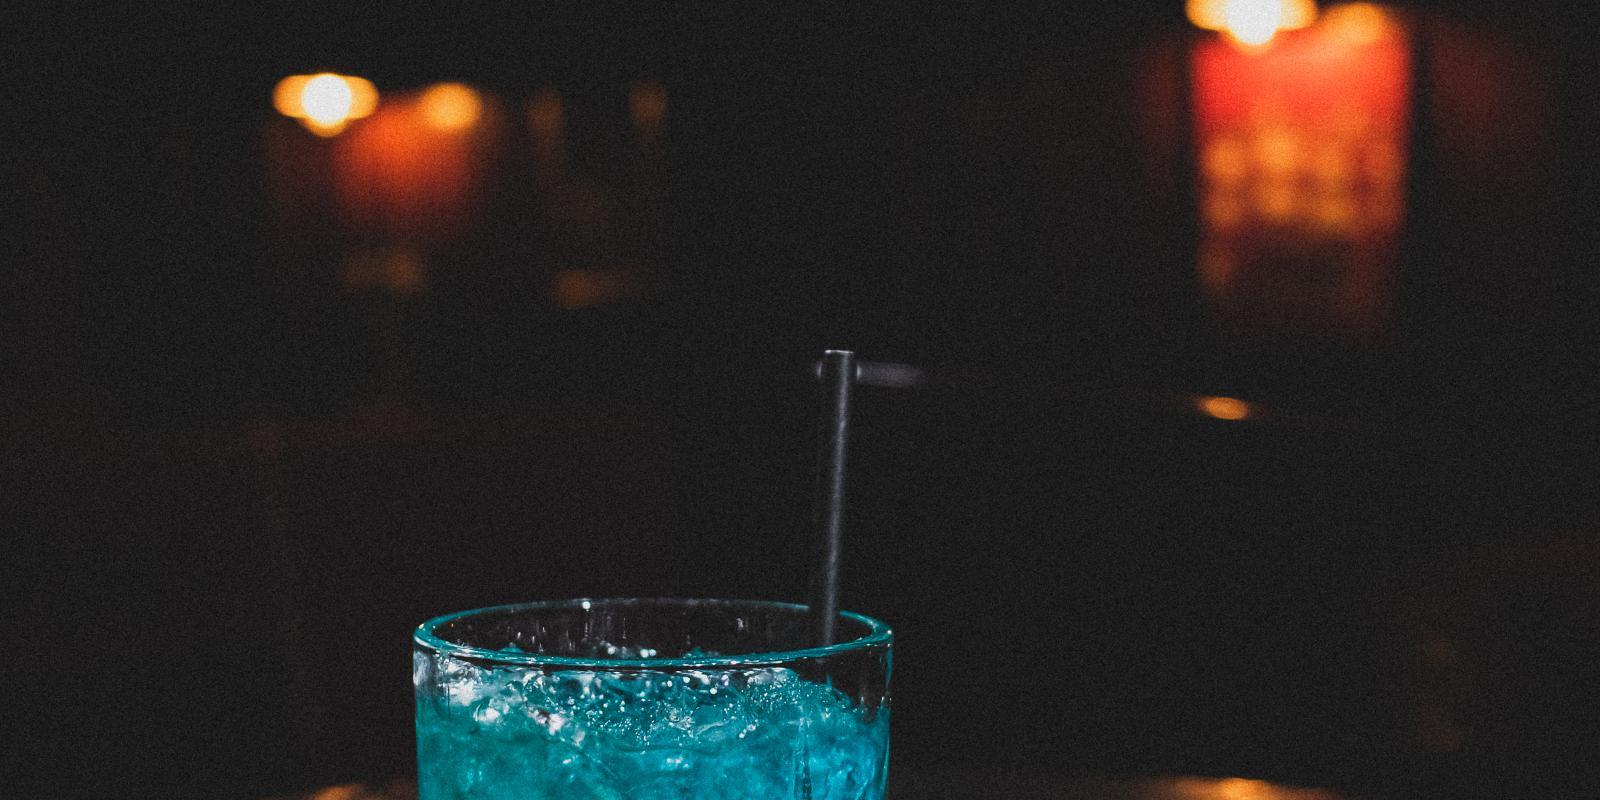 Image décrivant le produit Blue 58 qui fait partie des Cocktails